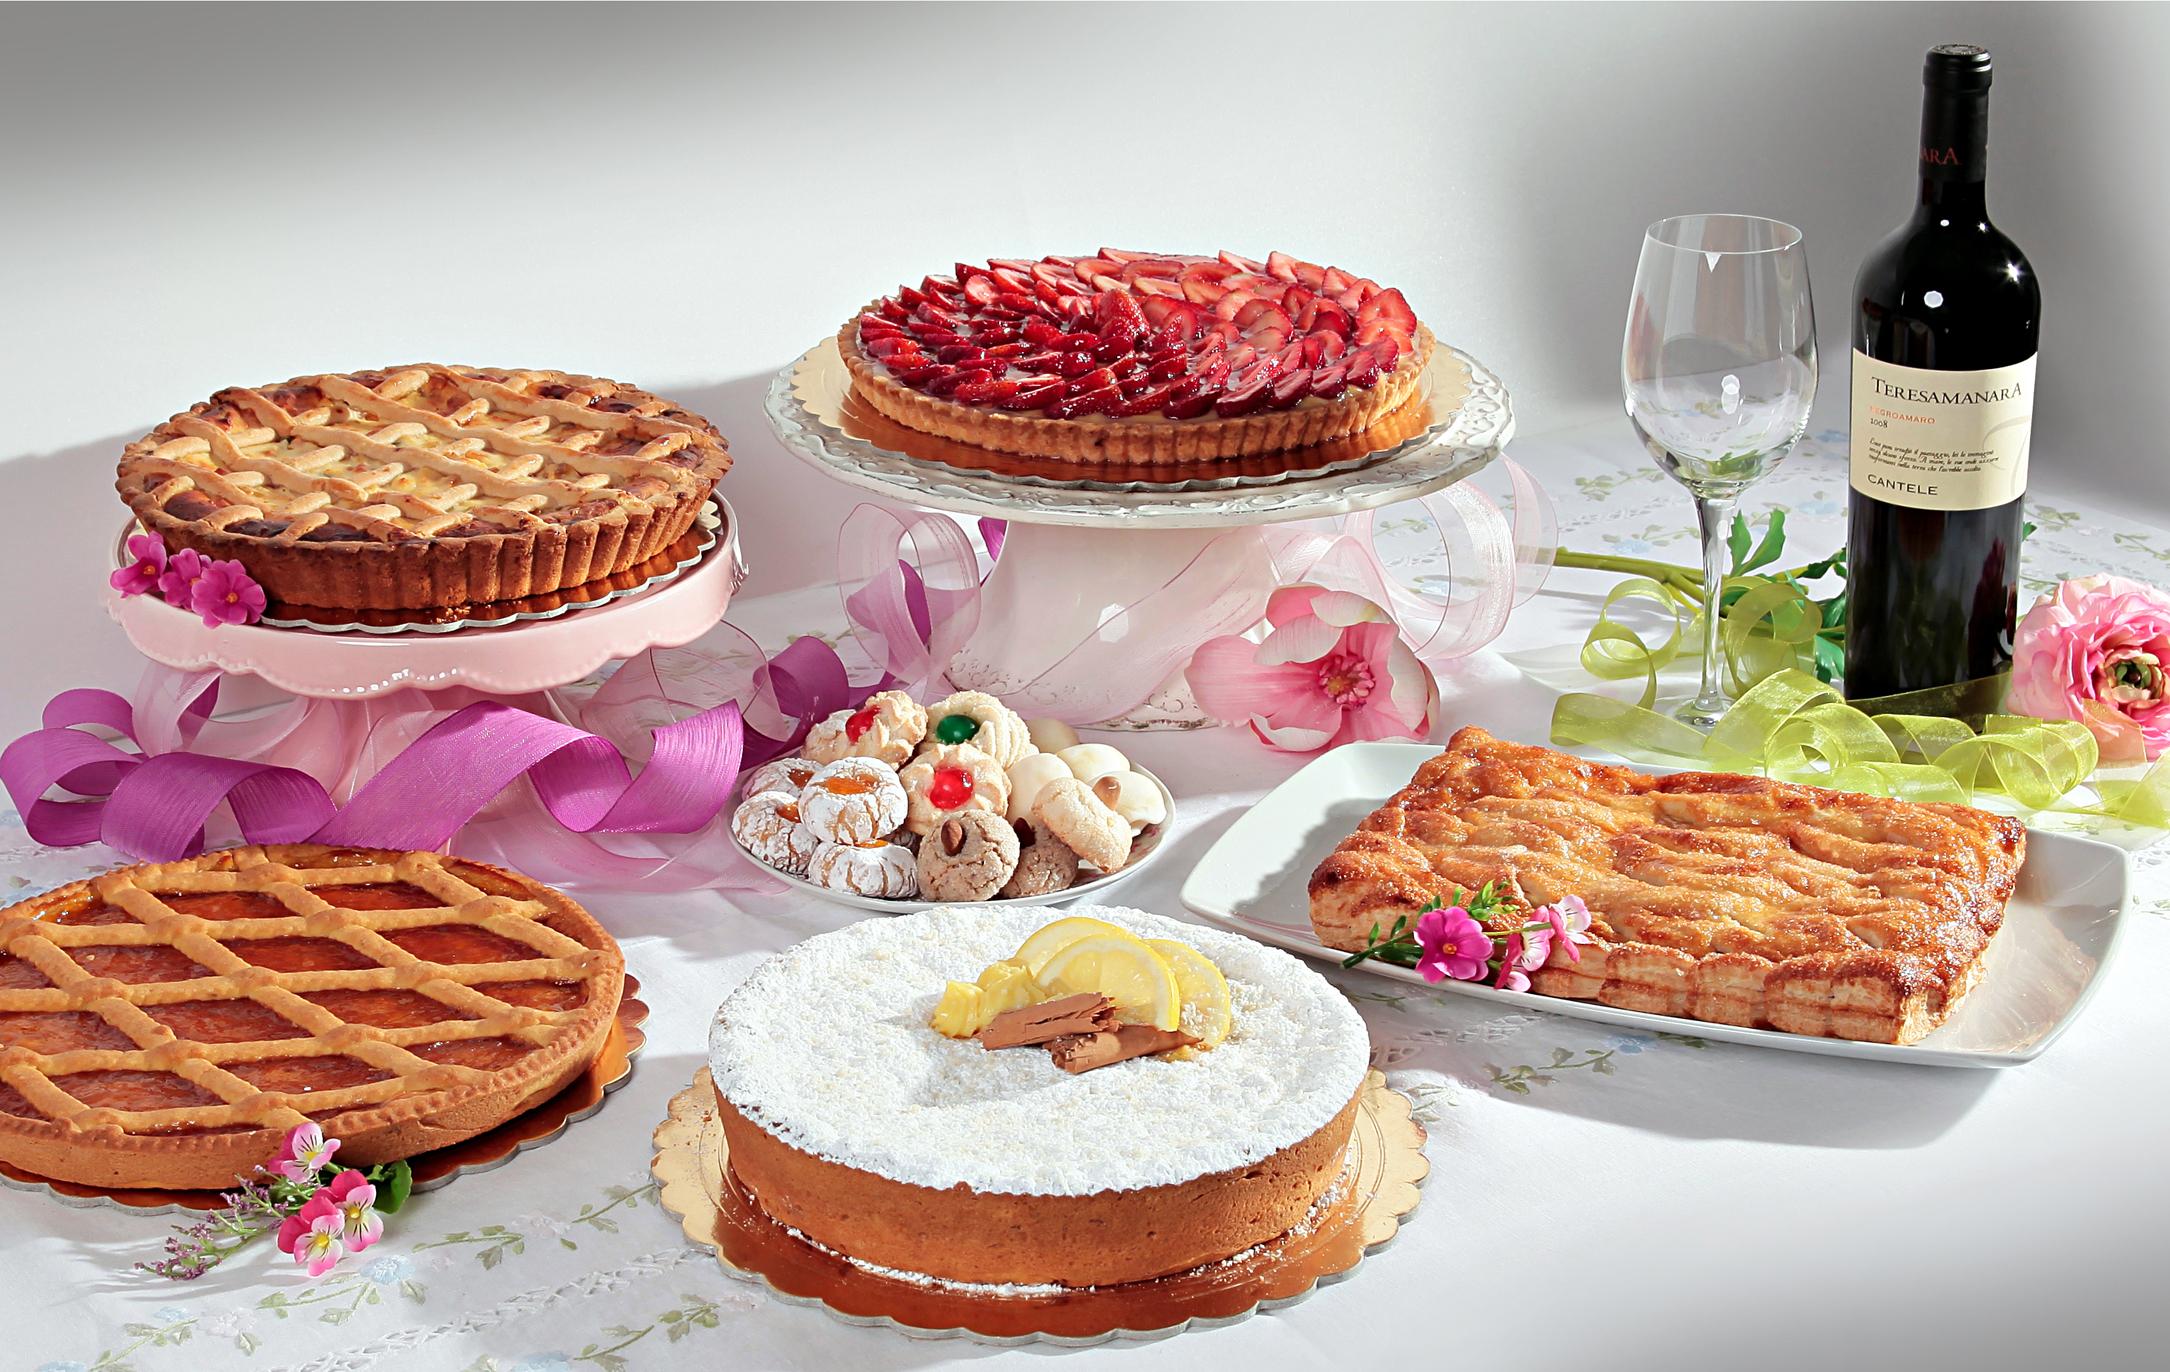 foto prodotti da forno